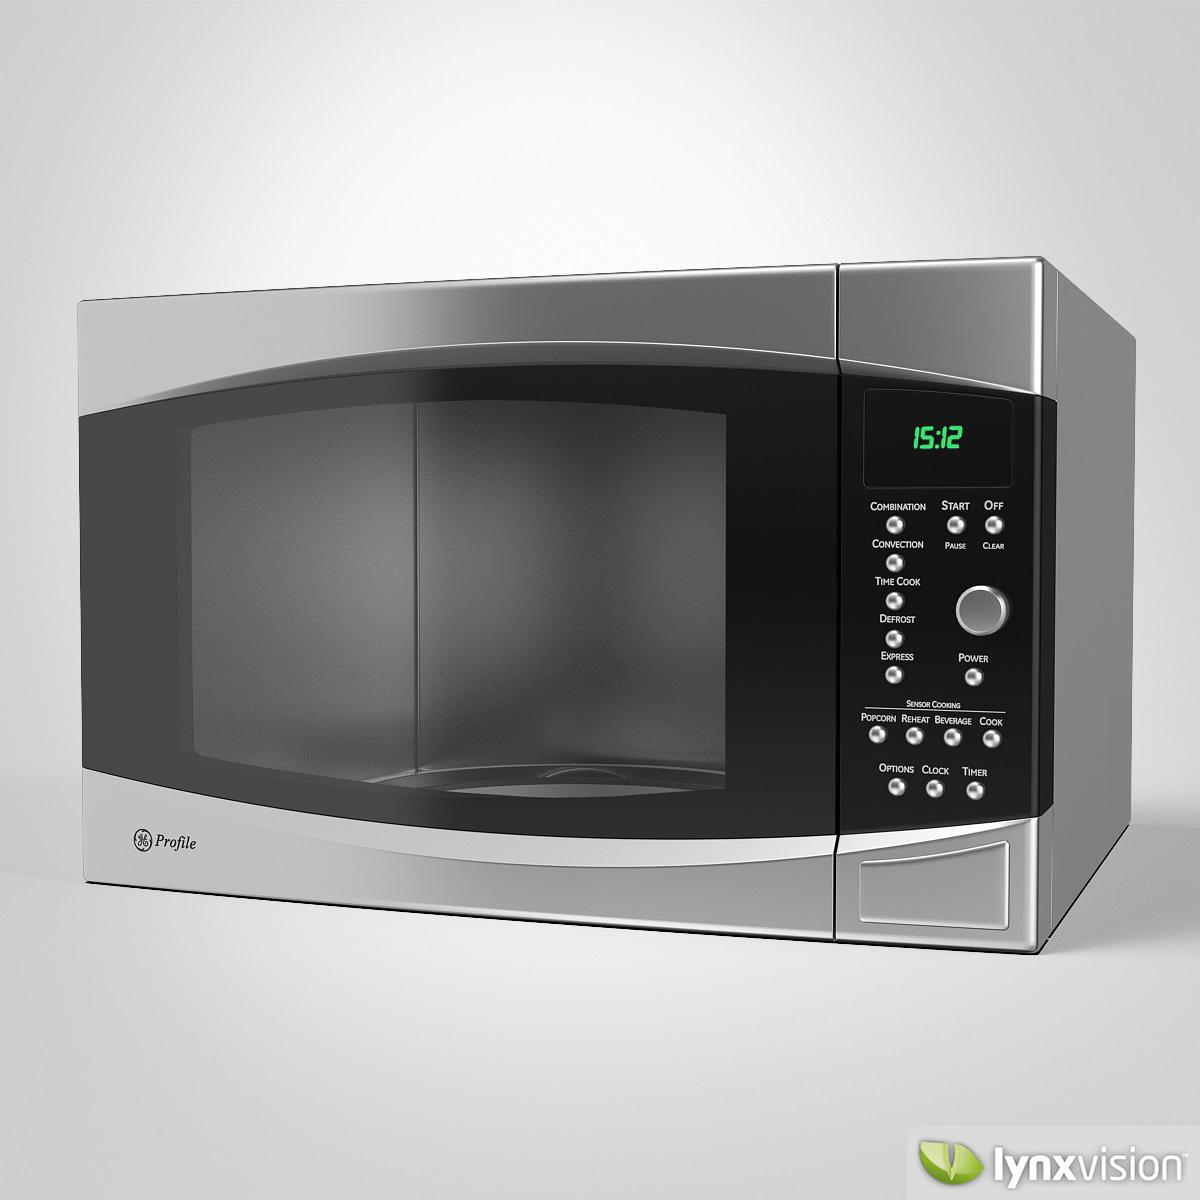 Ge Microwave Oven 3d Model Max Obj Fbx Cgtrader Com